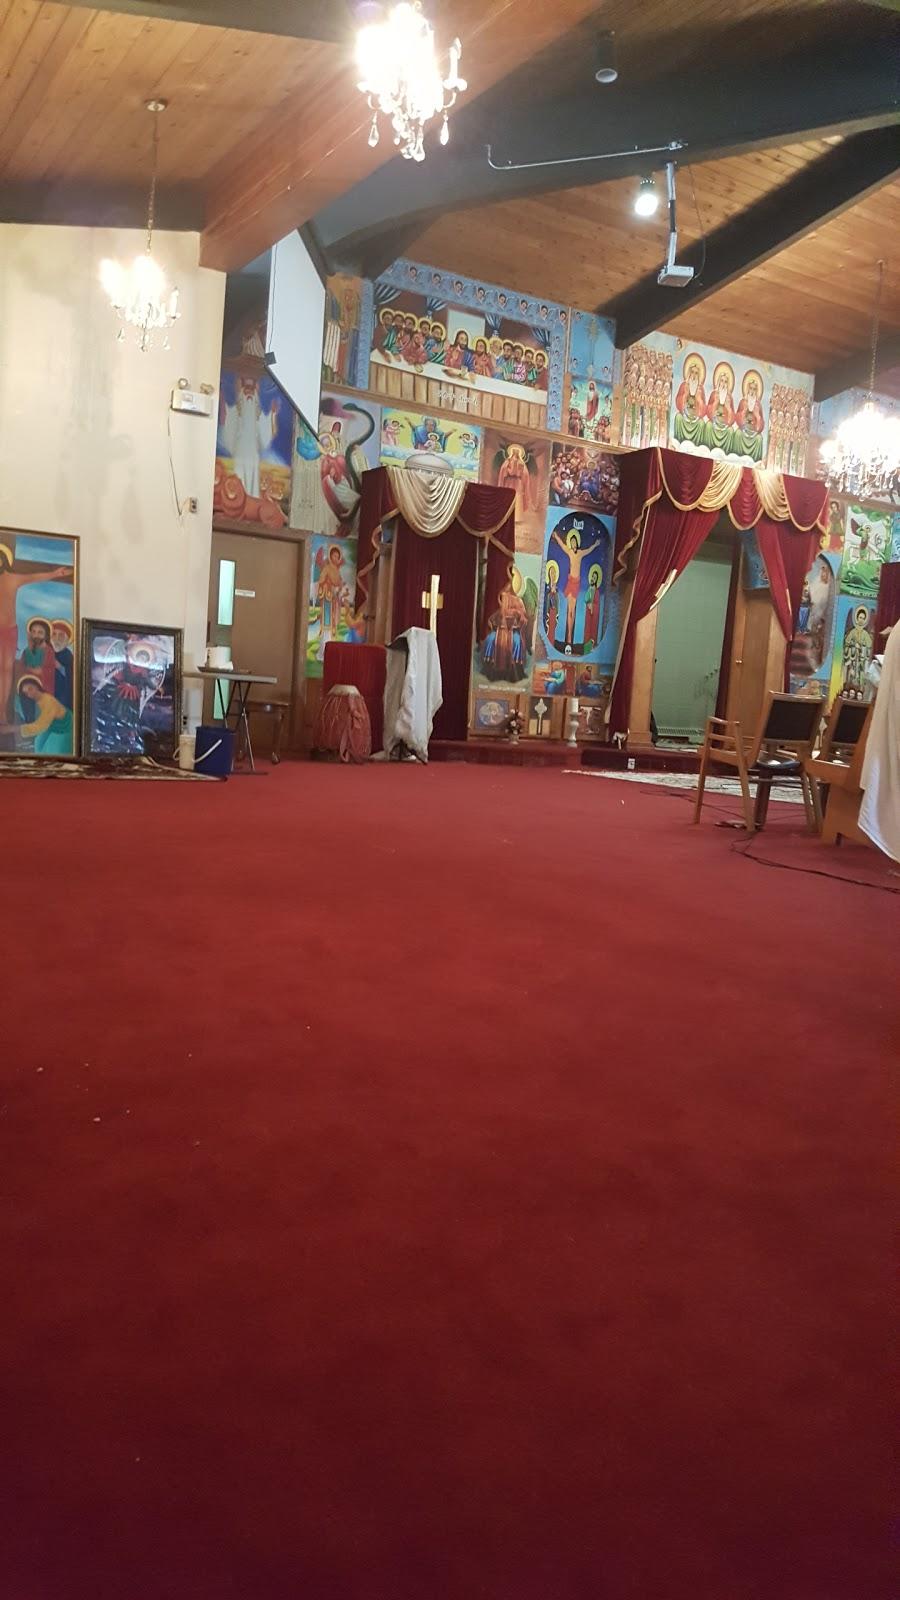 St.Marys Ethiopian Orthodox Tewahedo Church | church | 16302 106 Ave NW, Edmonton, AB T5P 0W9, Canada | 7804895803 OR +1 780-489-5803